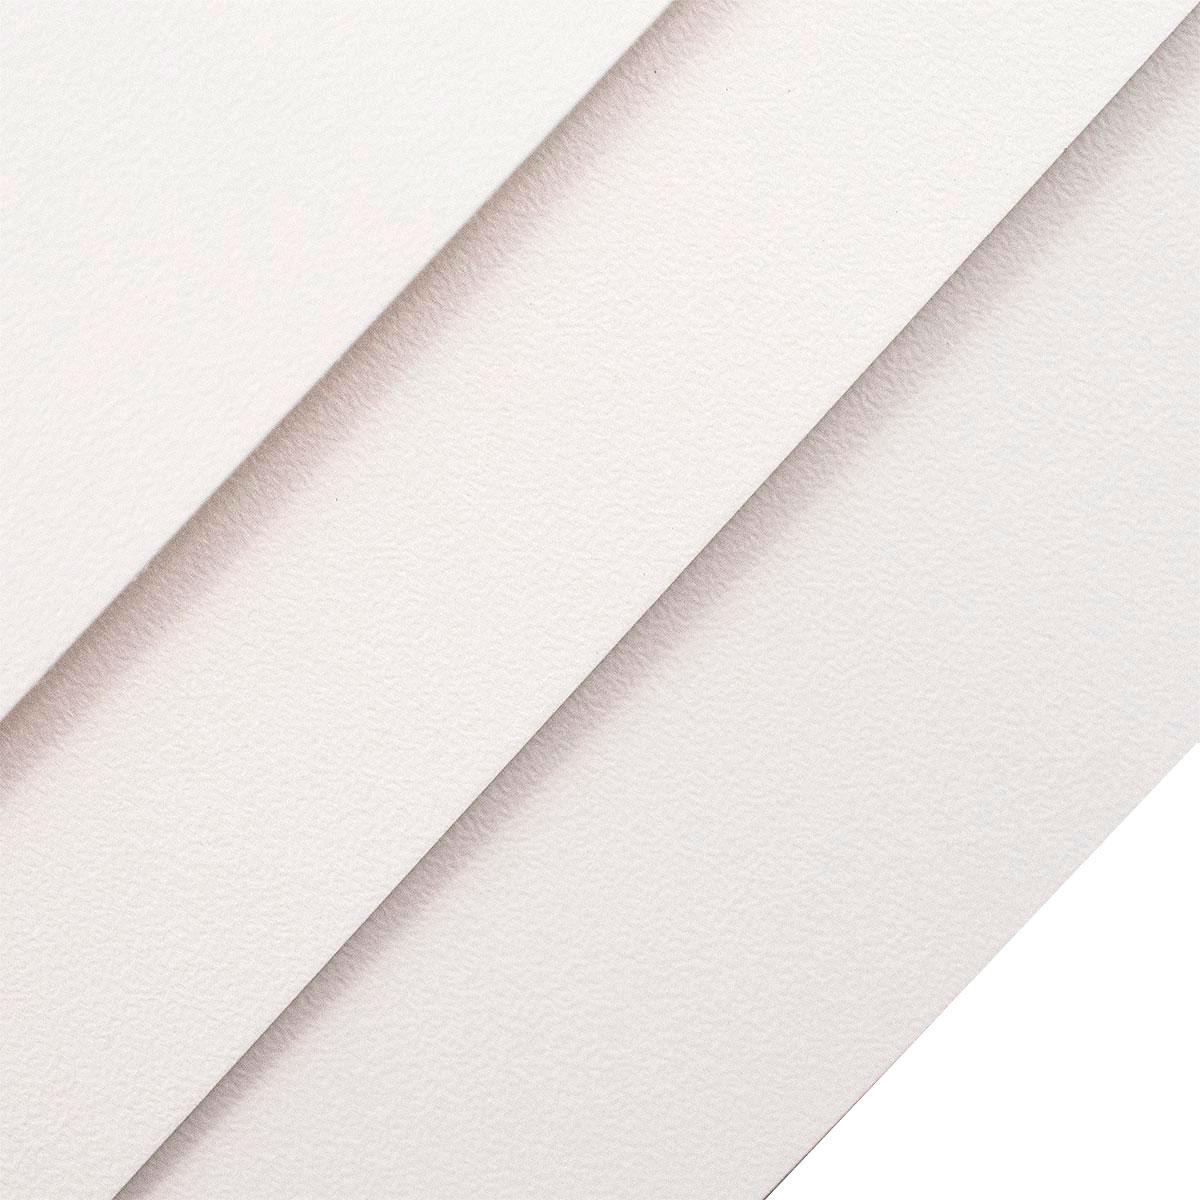 БФ002-1 Бумага с фактурой 'Яичная скорлупа', белый, упак./3 листа